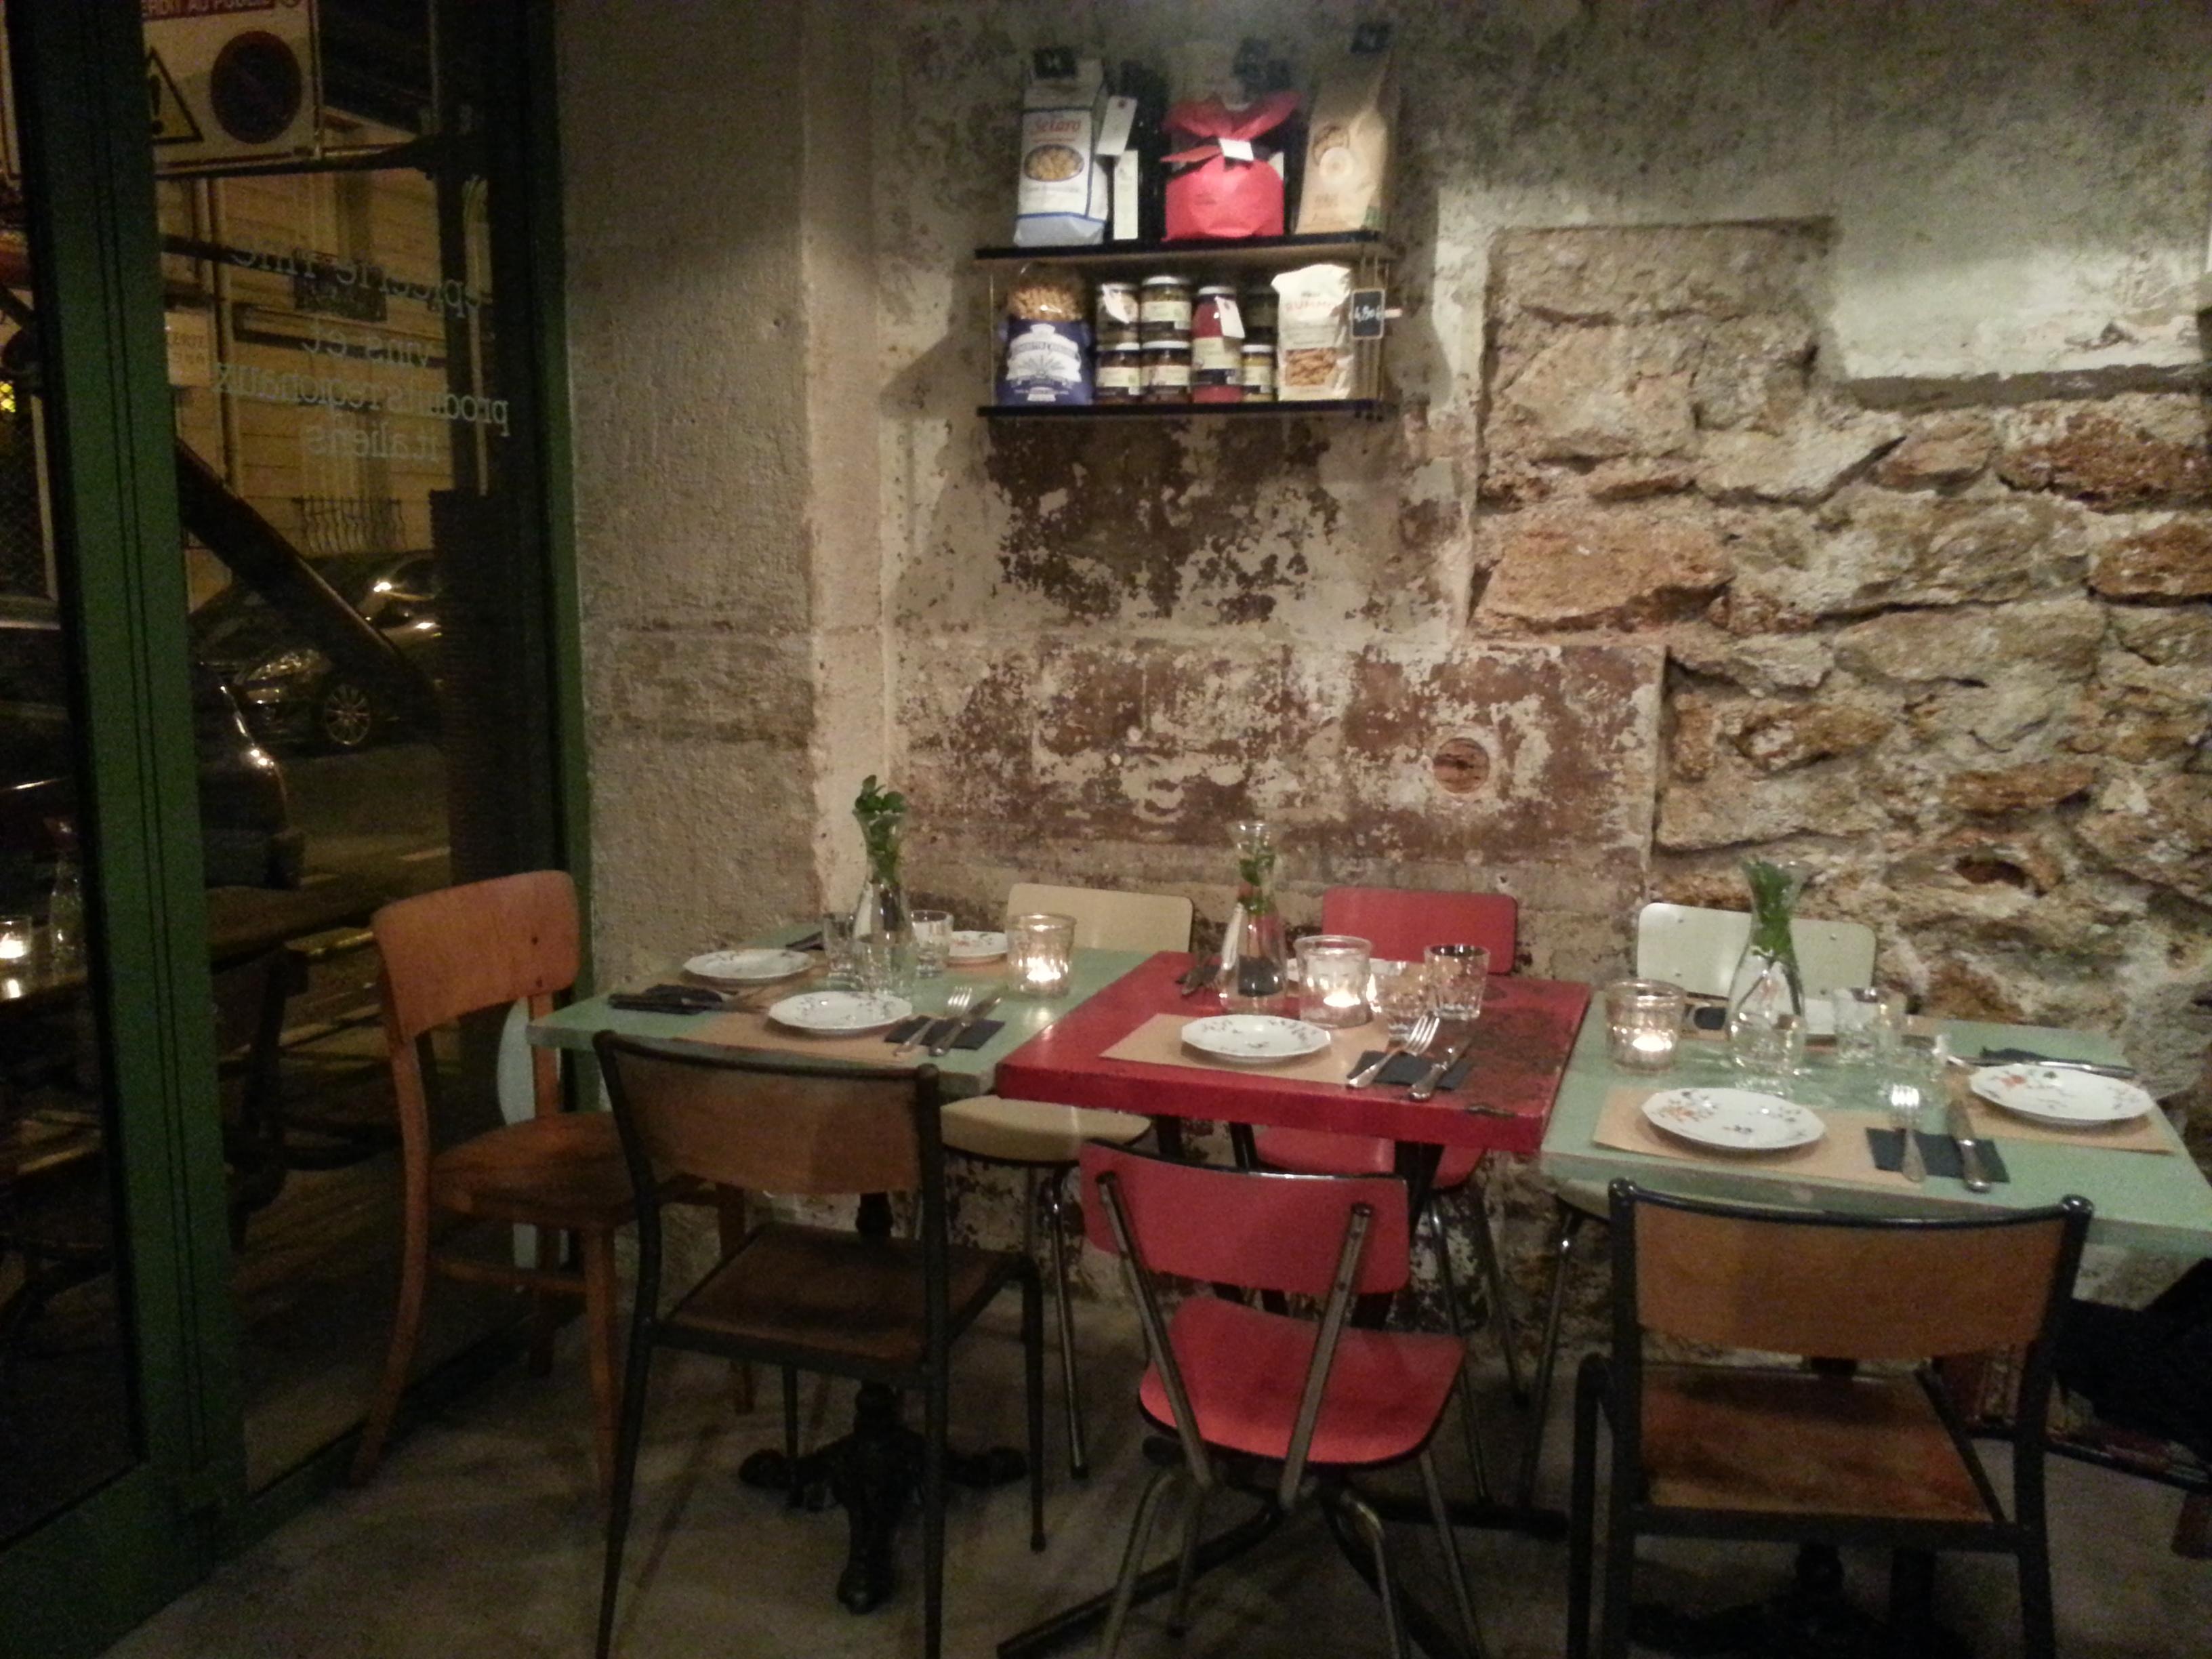 Casa paris ustensiles de cuisine - Ustensile de cuisine paris ...